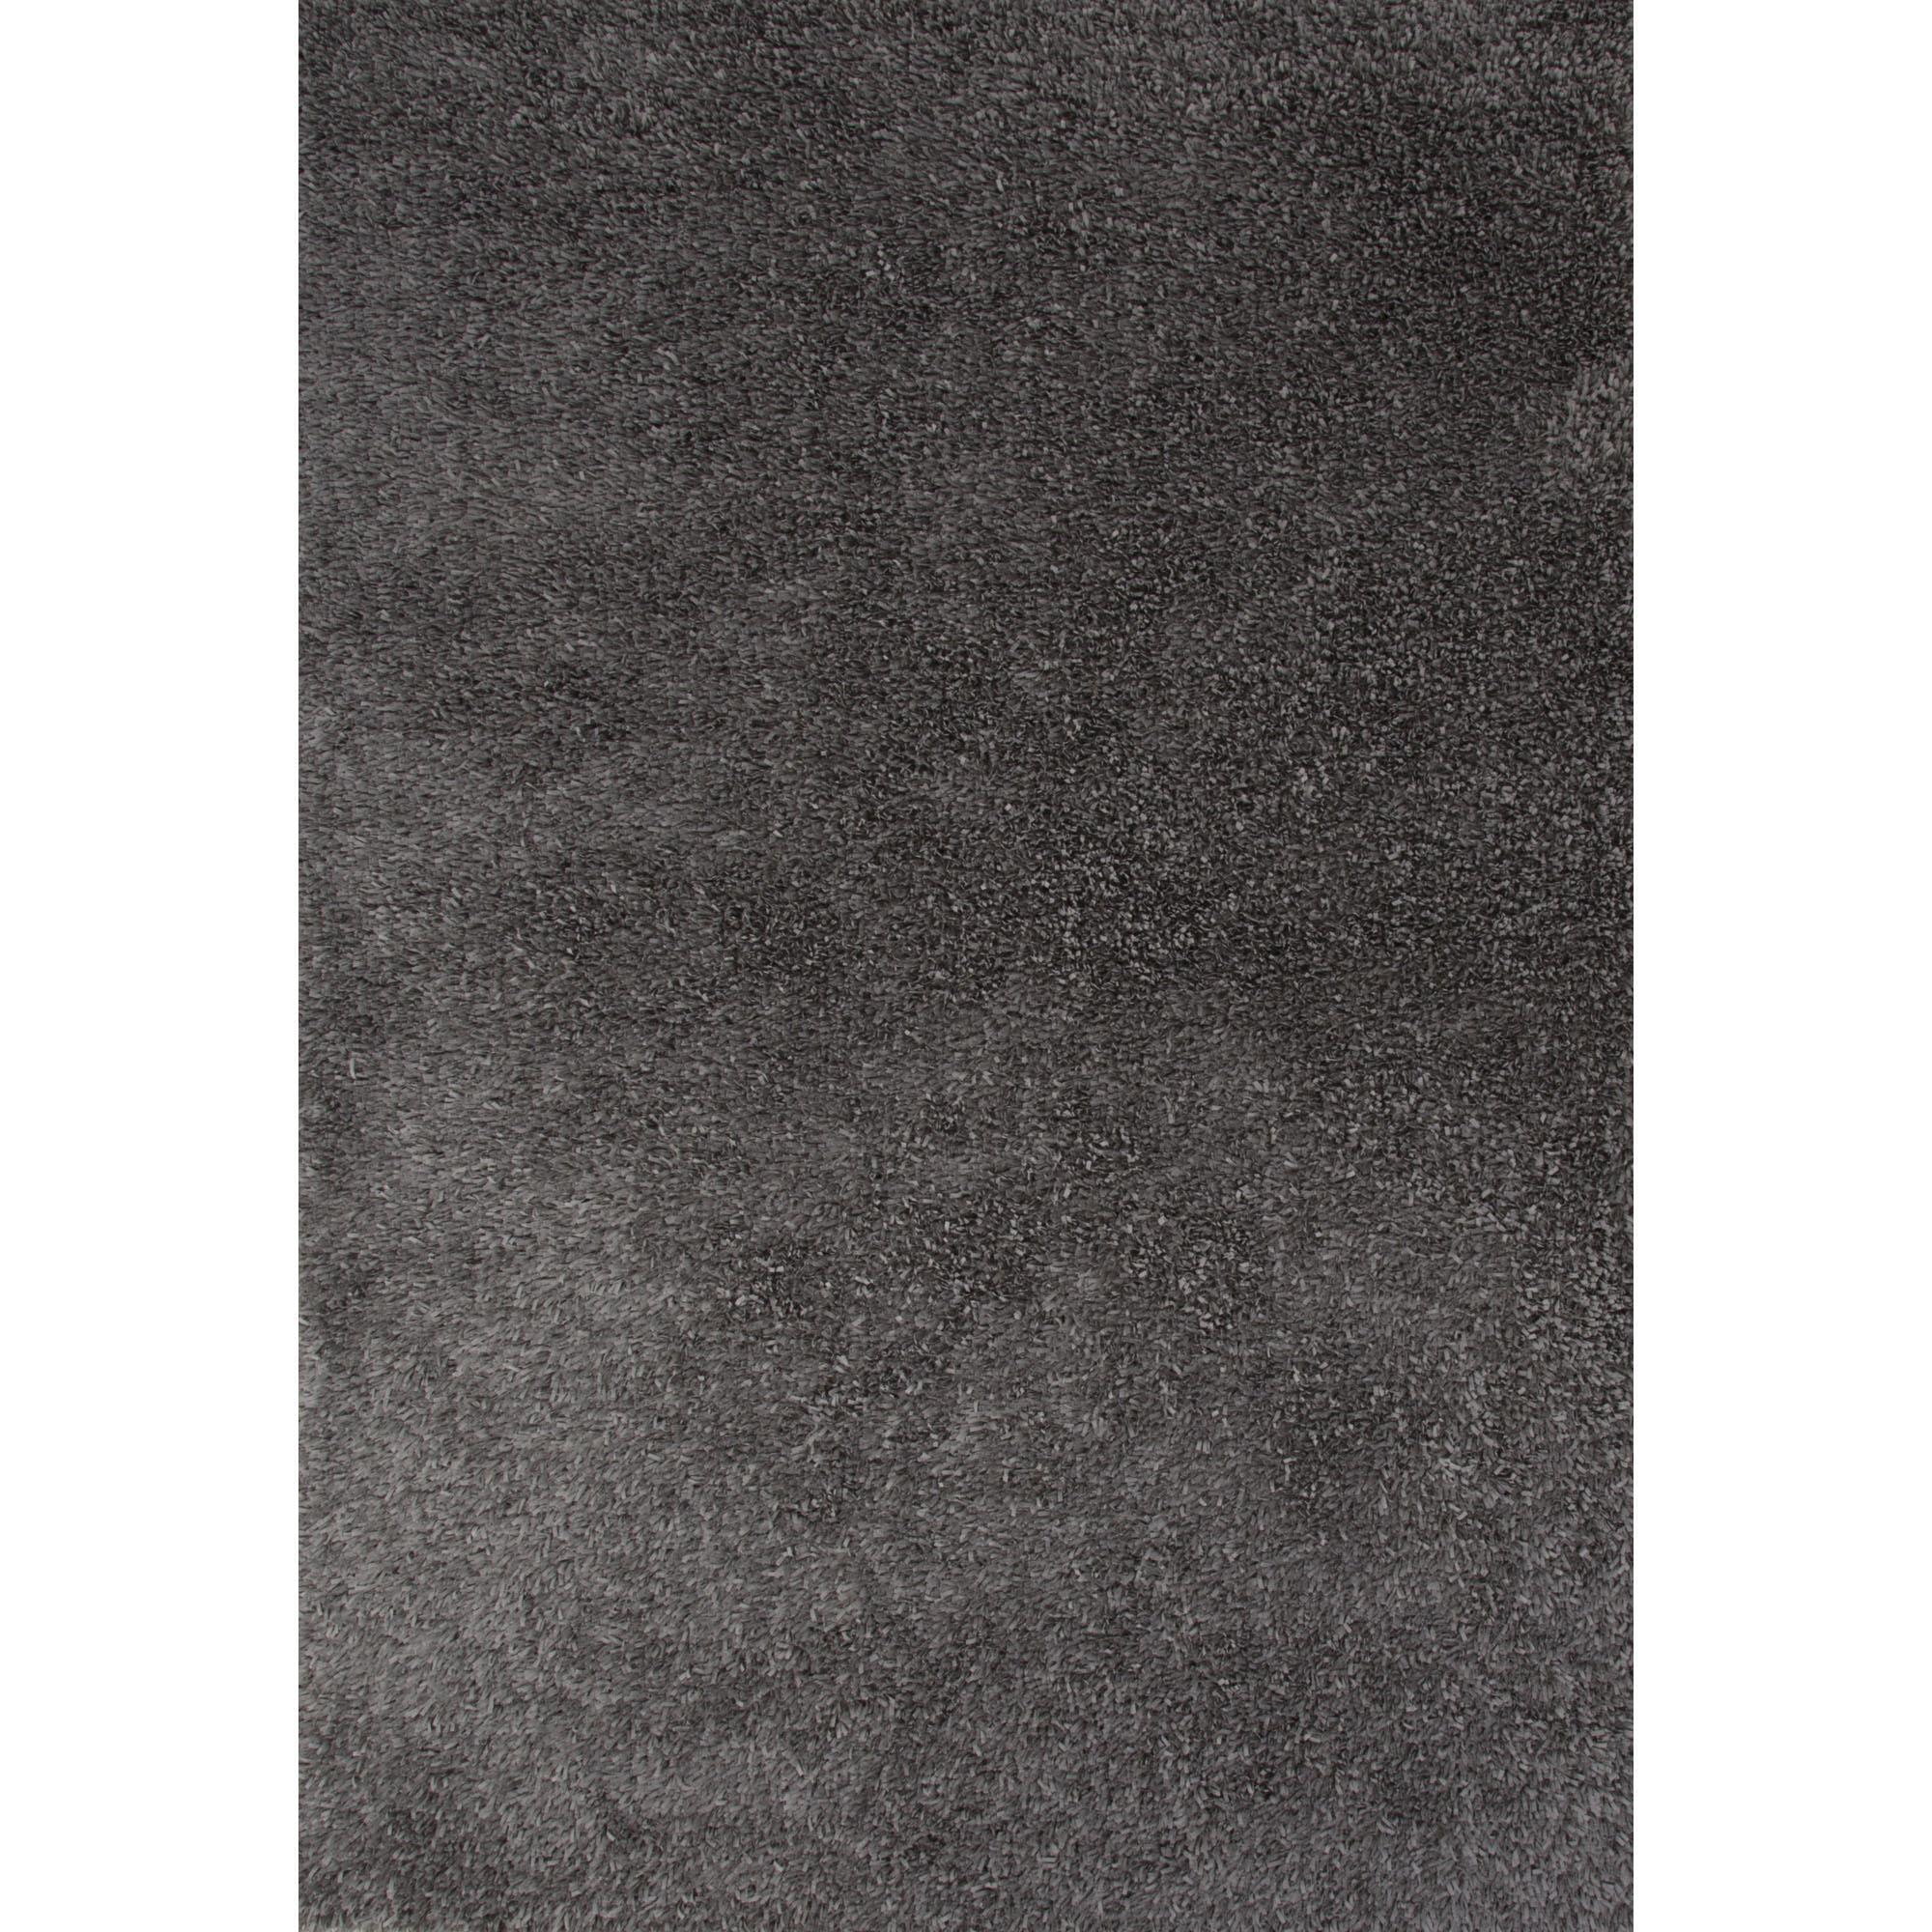 JAIPUR Rugs Cordon 5 x 7.6 Rug - Item Number: RUG123498